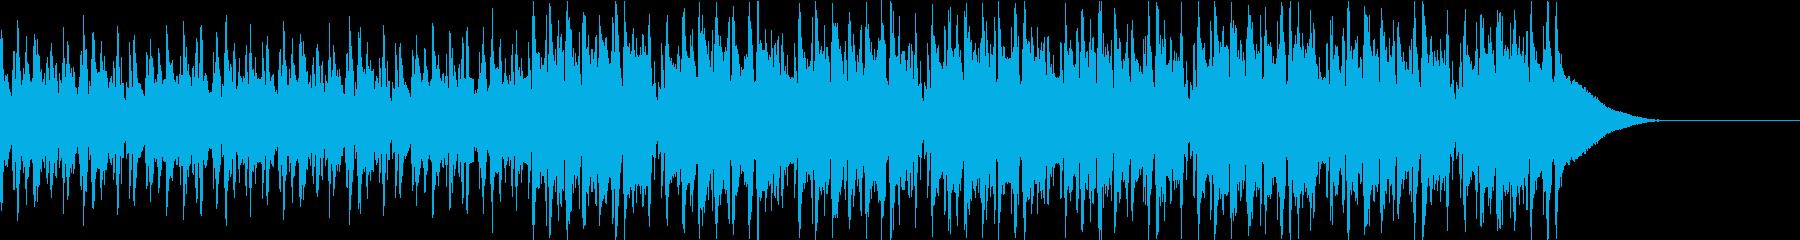 Pf「来客」和風現代ジャズの再生済みの波形